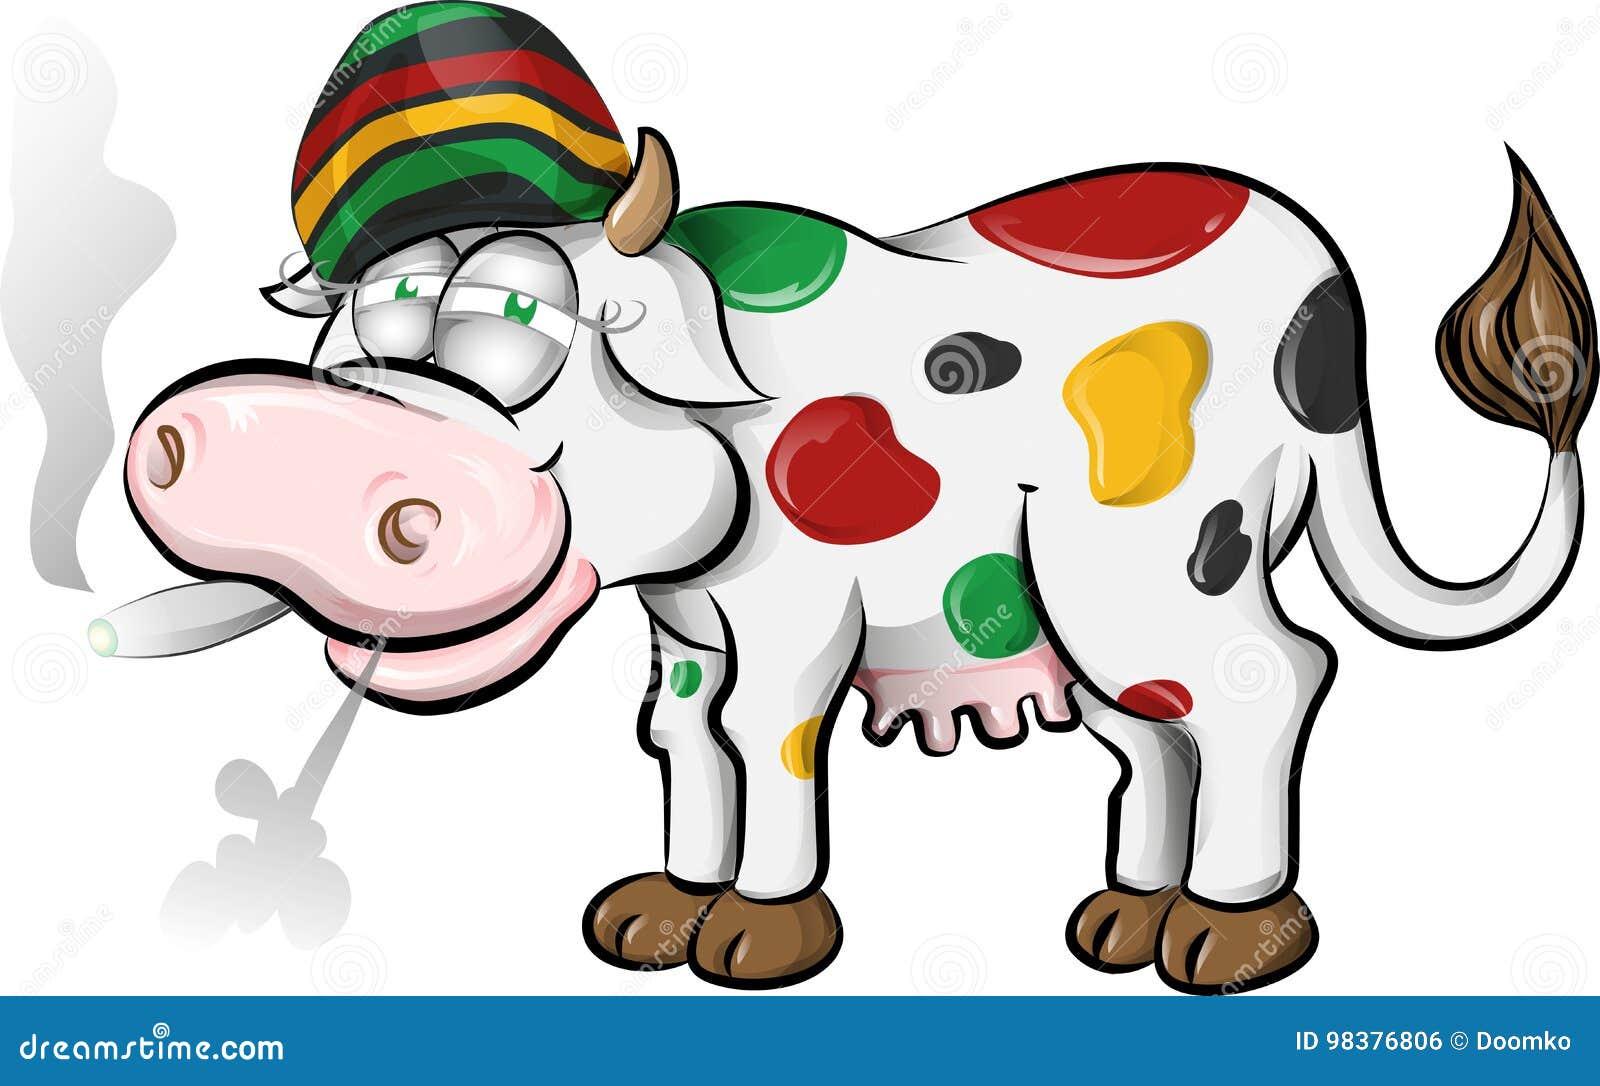 Giamaicano illustrazioni vettoriali e clipart stock